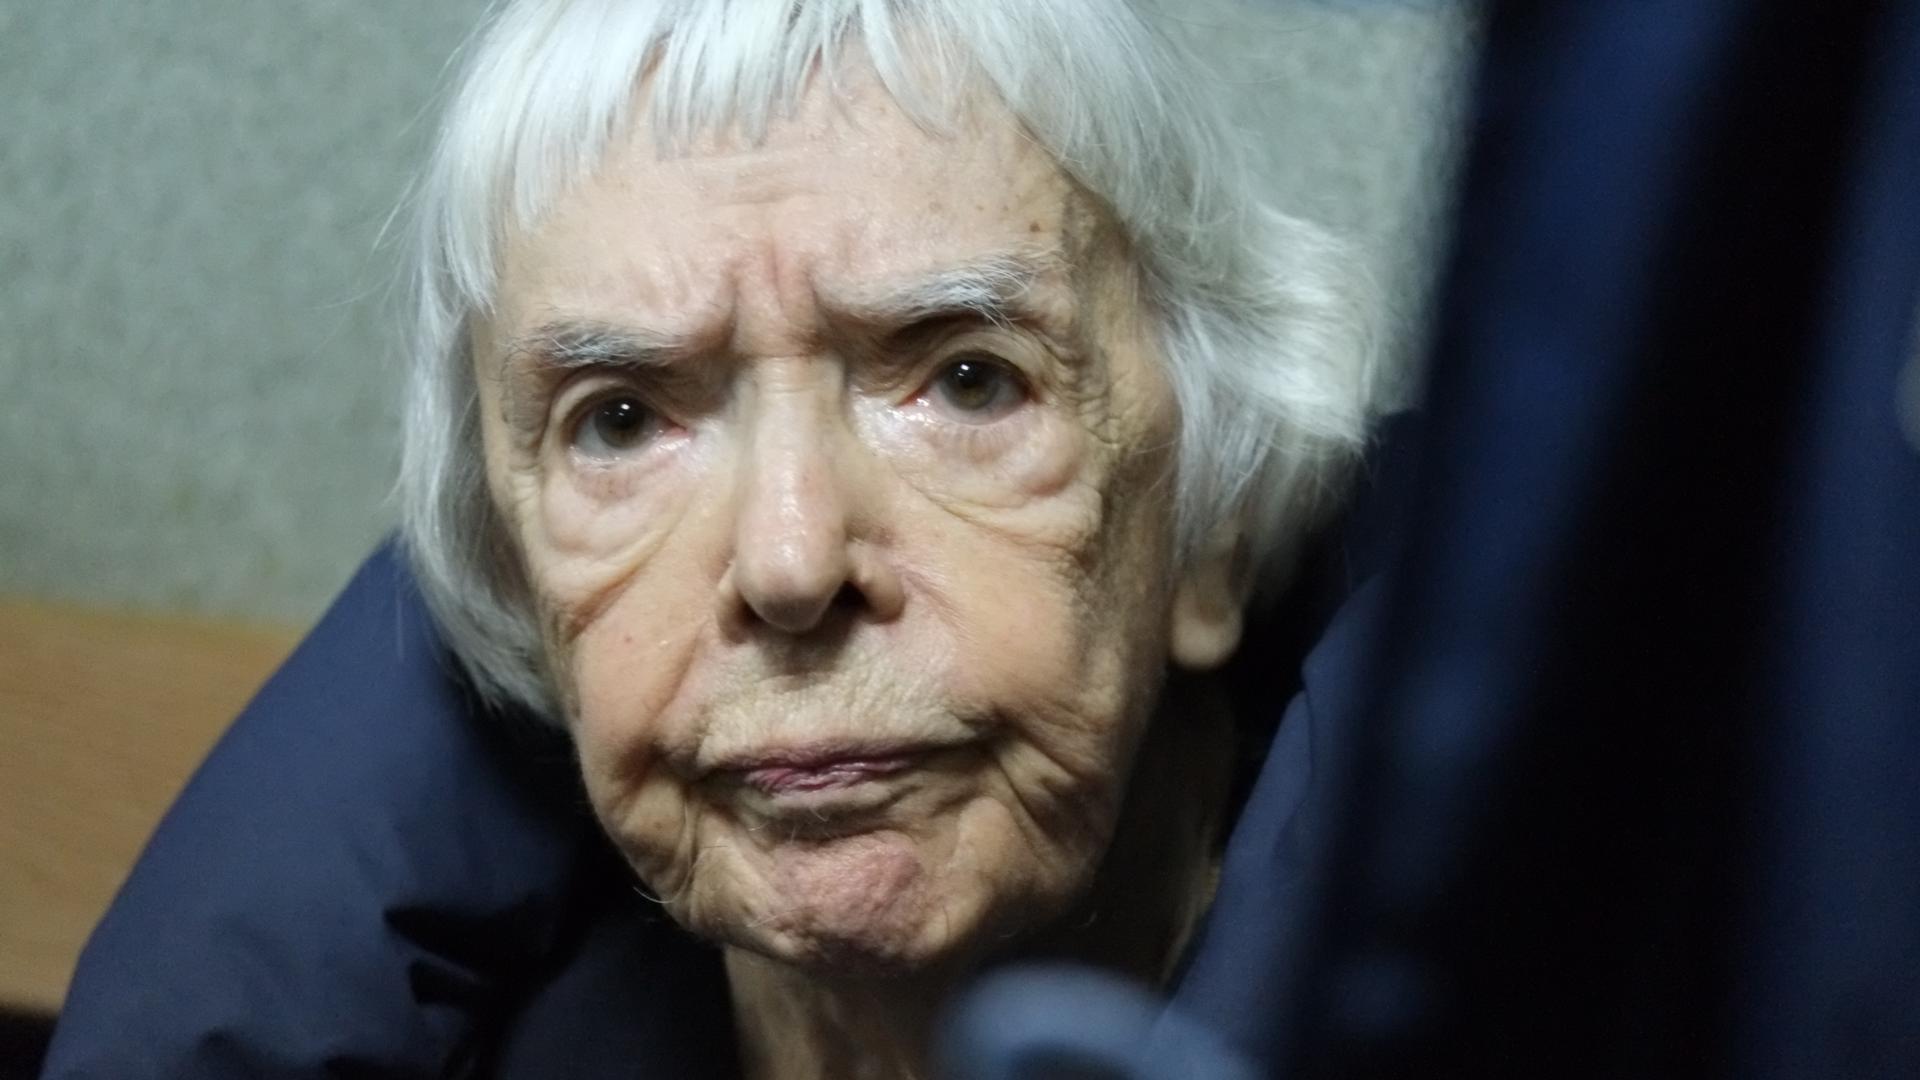 Lyudmila Alexeyeva. Photo: Ilya Voyager, WikiCommons